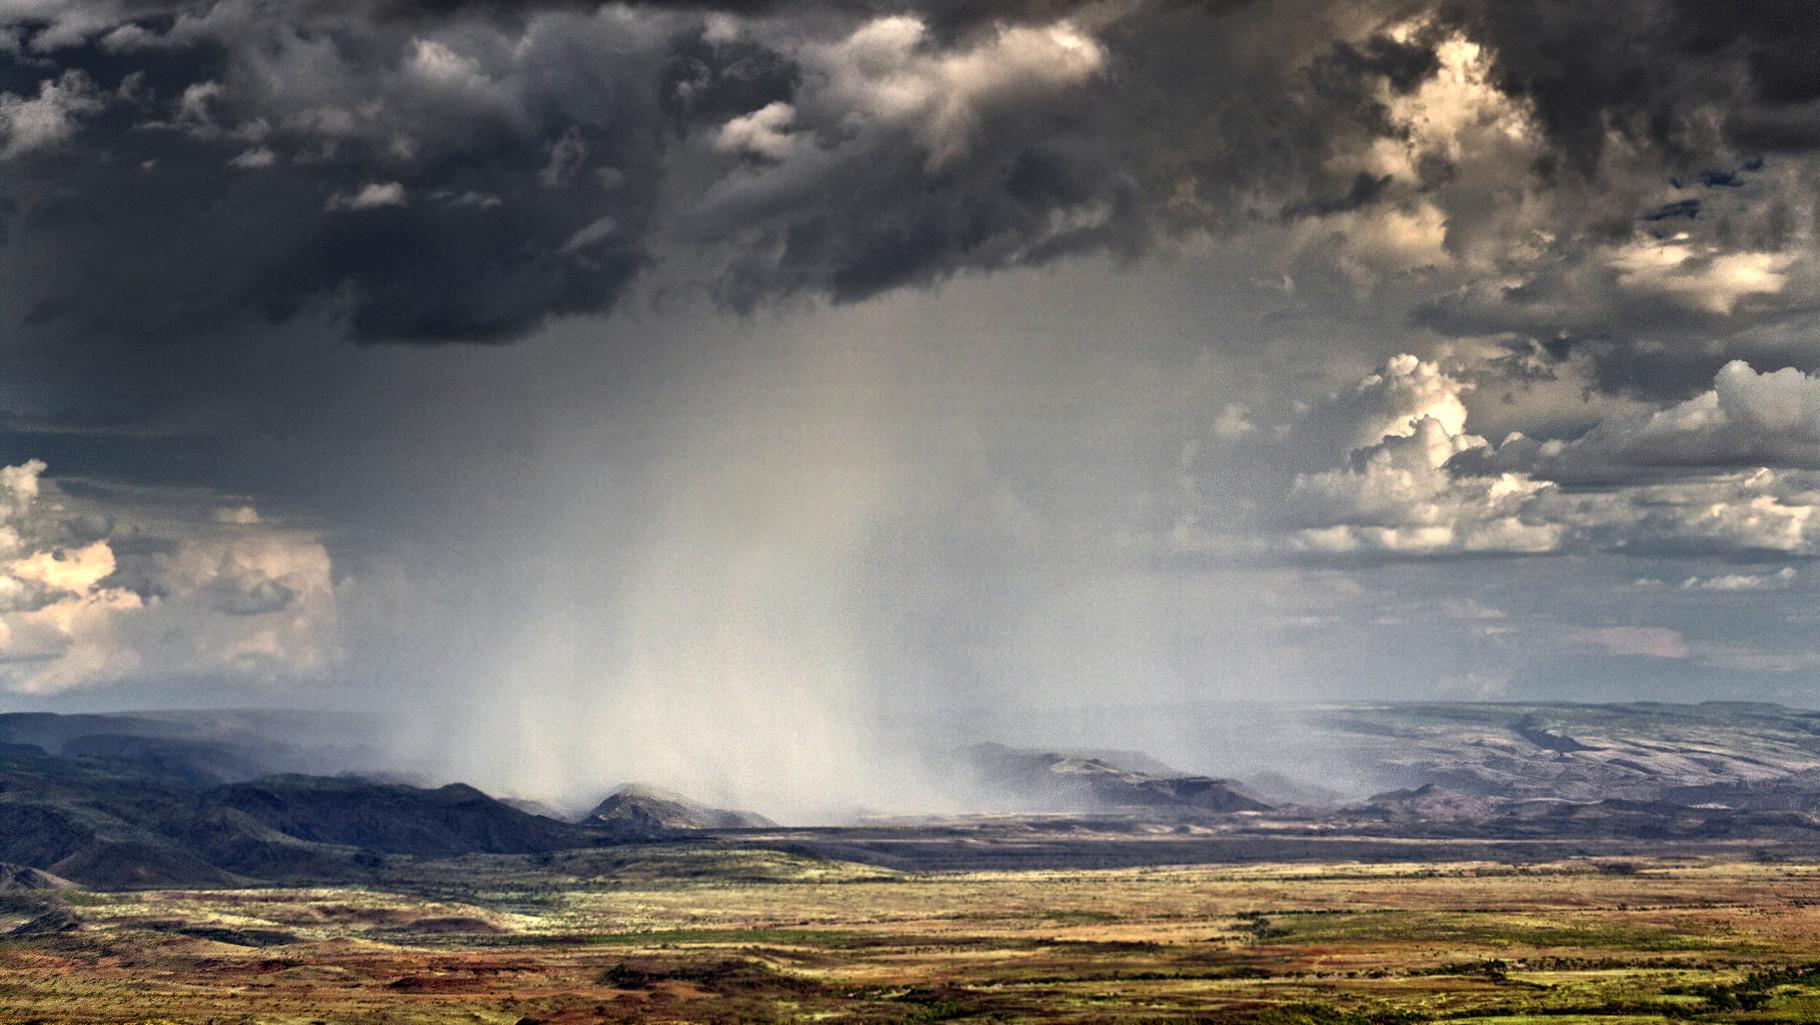 Acquazzoni nella valle del Suguta, una parte arida della Great Rift Valley in Kenya, a sud del LagoTurkana